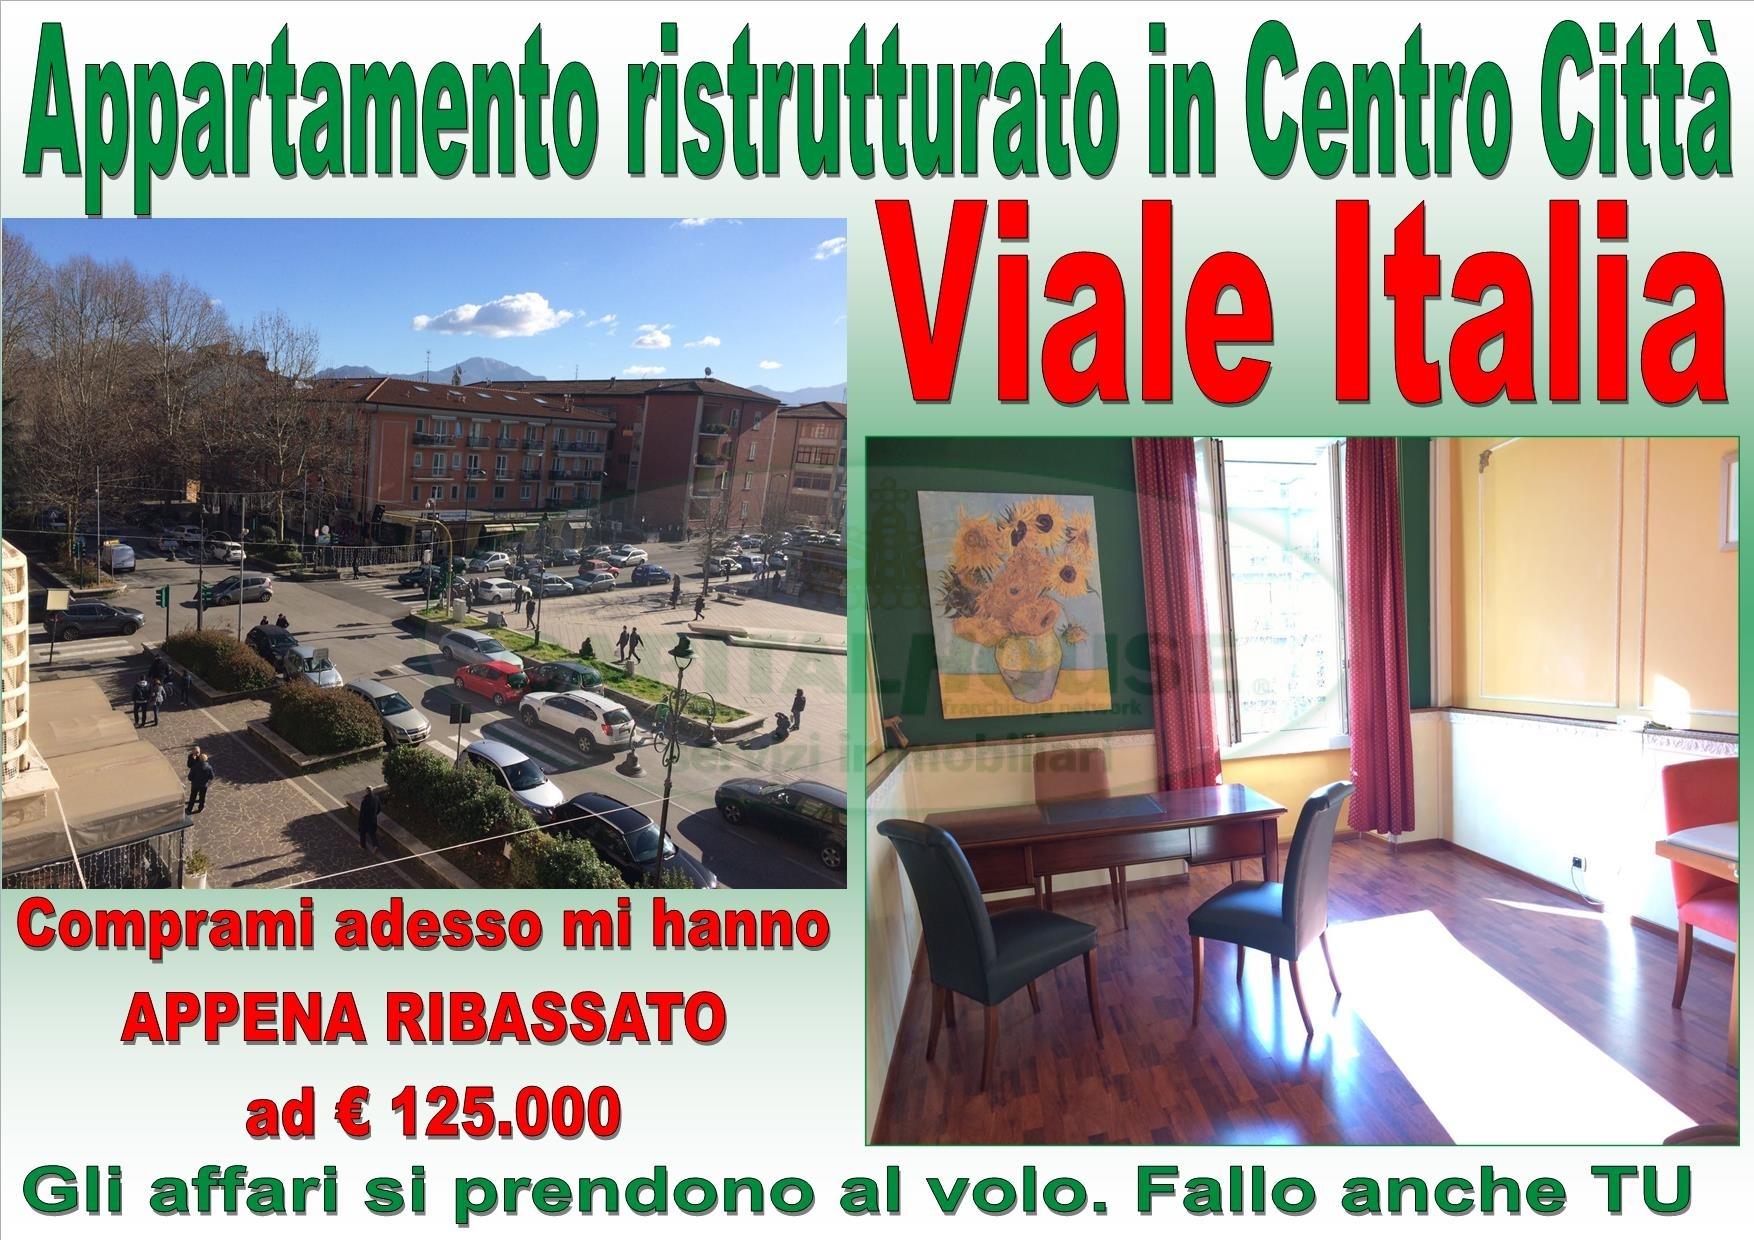 Appartamento in vendita a Avellino, 3 locali, zona Zona: Centro, prezzo € 125.000 | CambioCasa.it